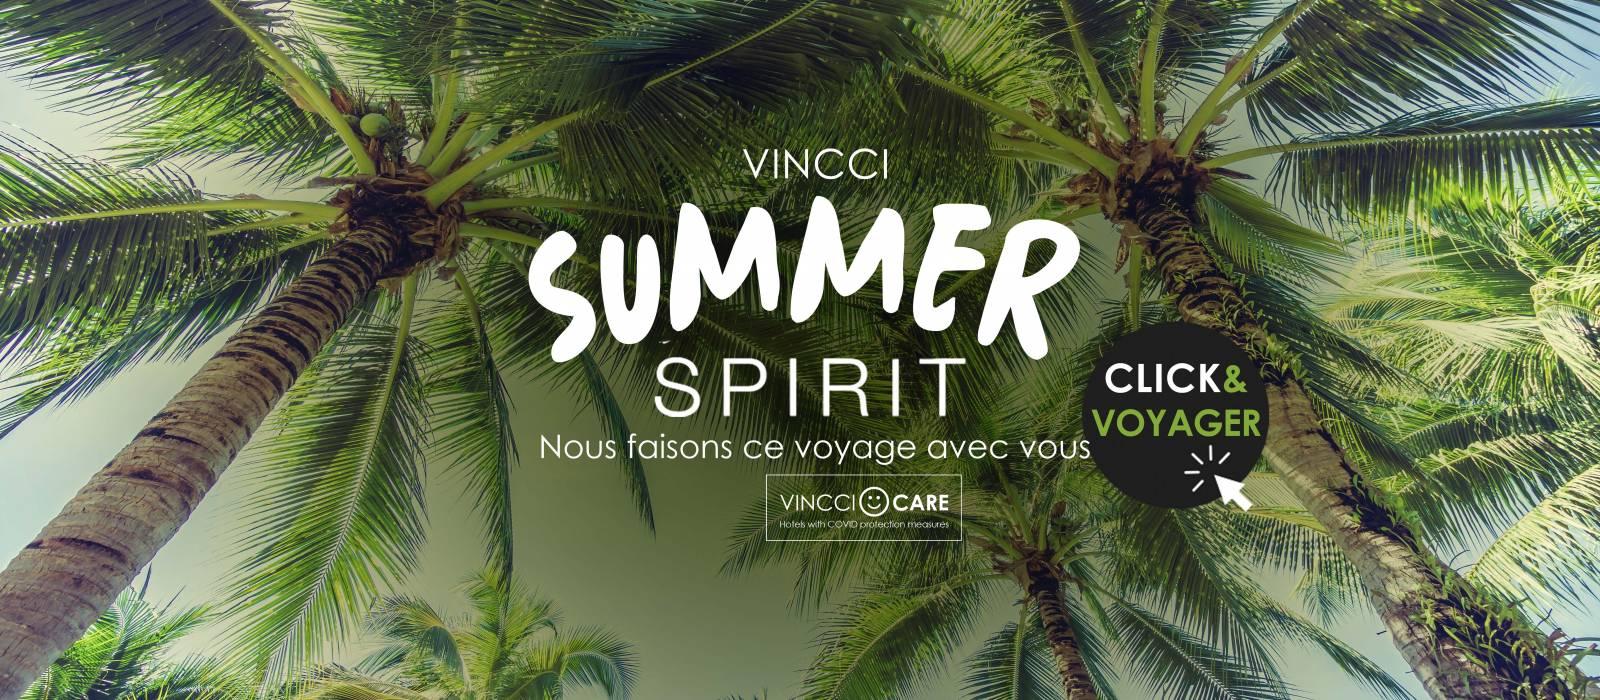 SUMMER 2021 FR